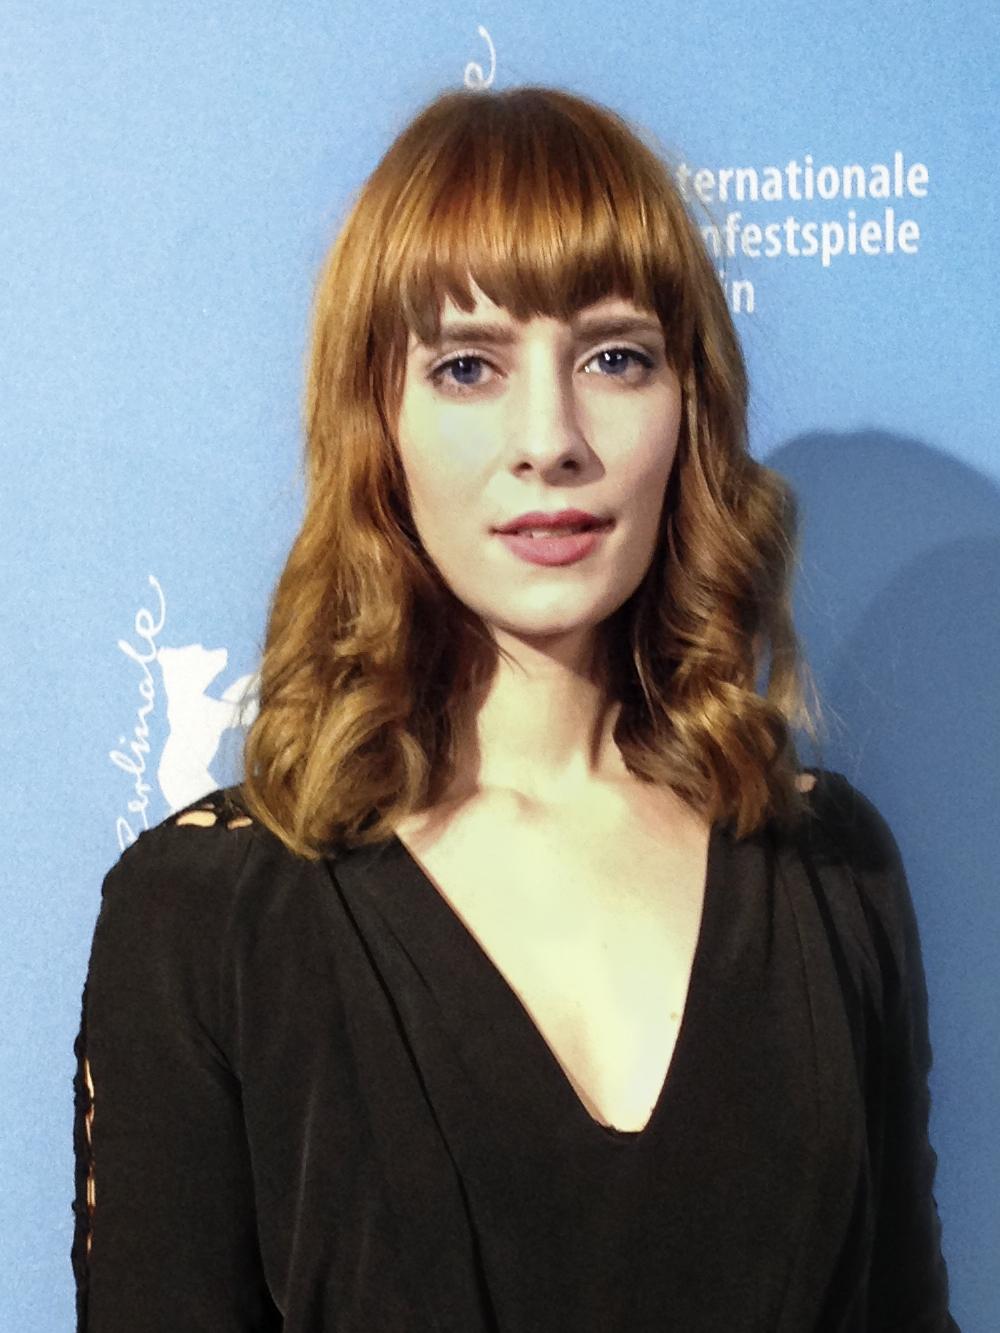 Cornelia Ivancan pic 22